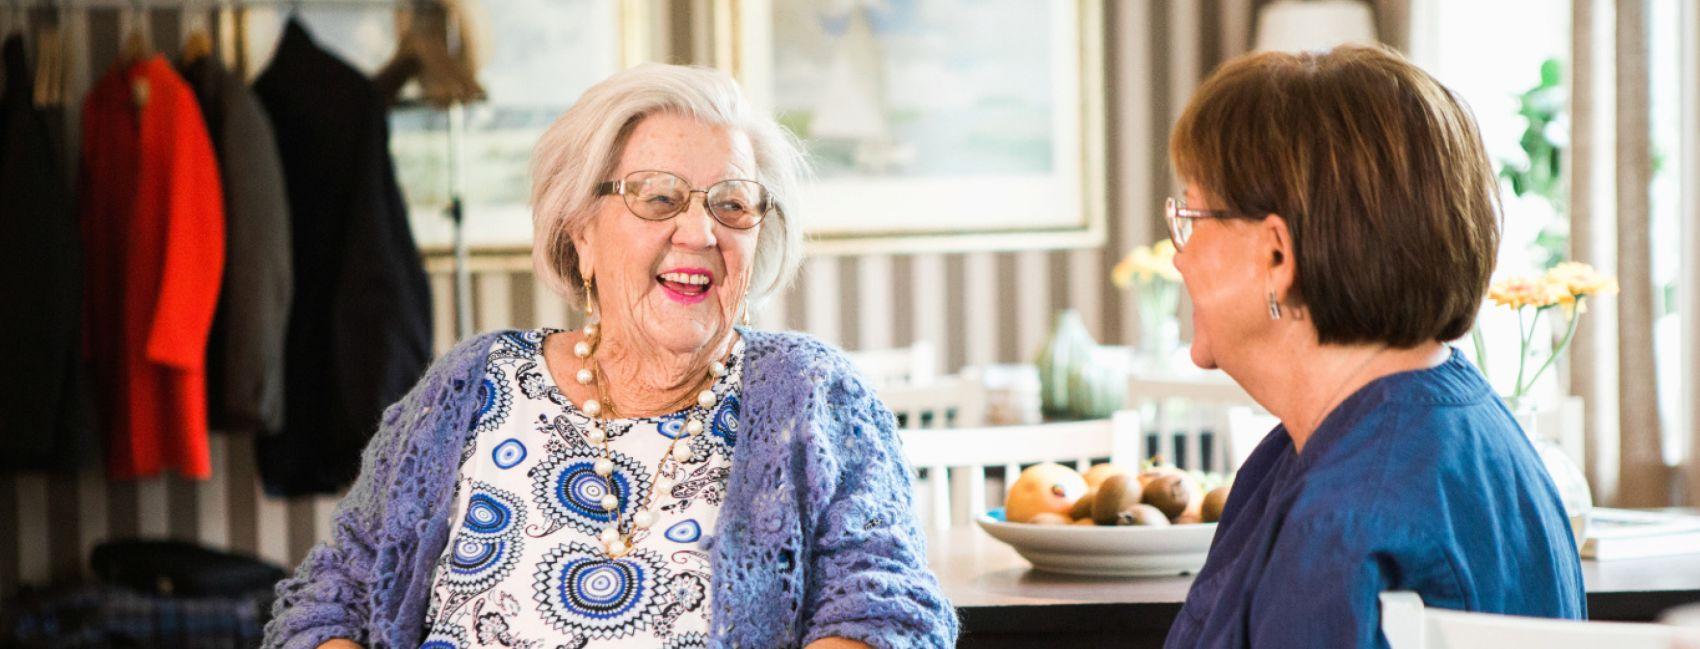 En eldre kvinne og en medarbeider sitter ved bordet og snakker på Stendis avdeling Omsorg+ på Ljabrubakken.